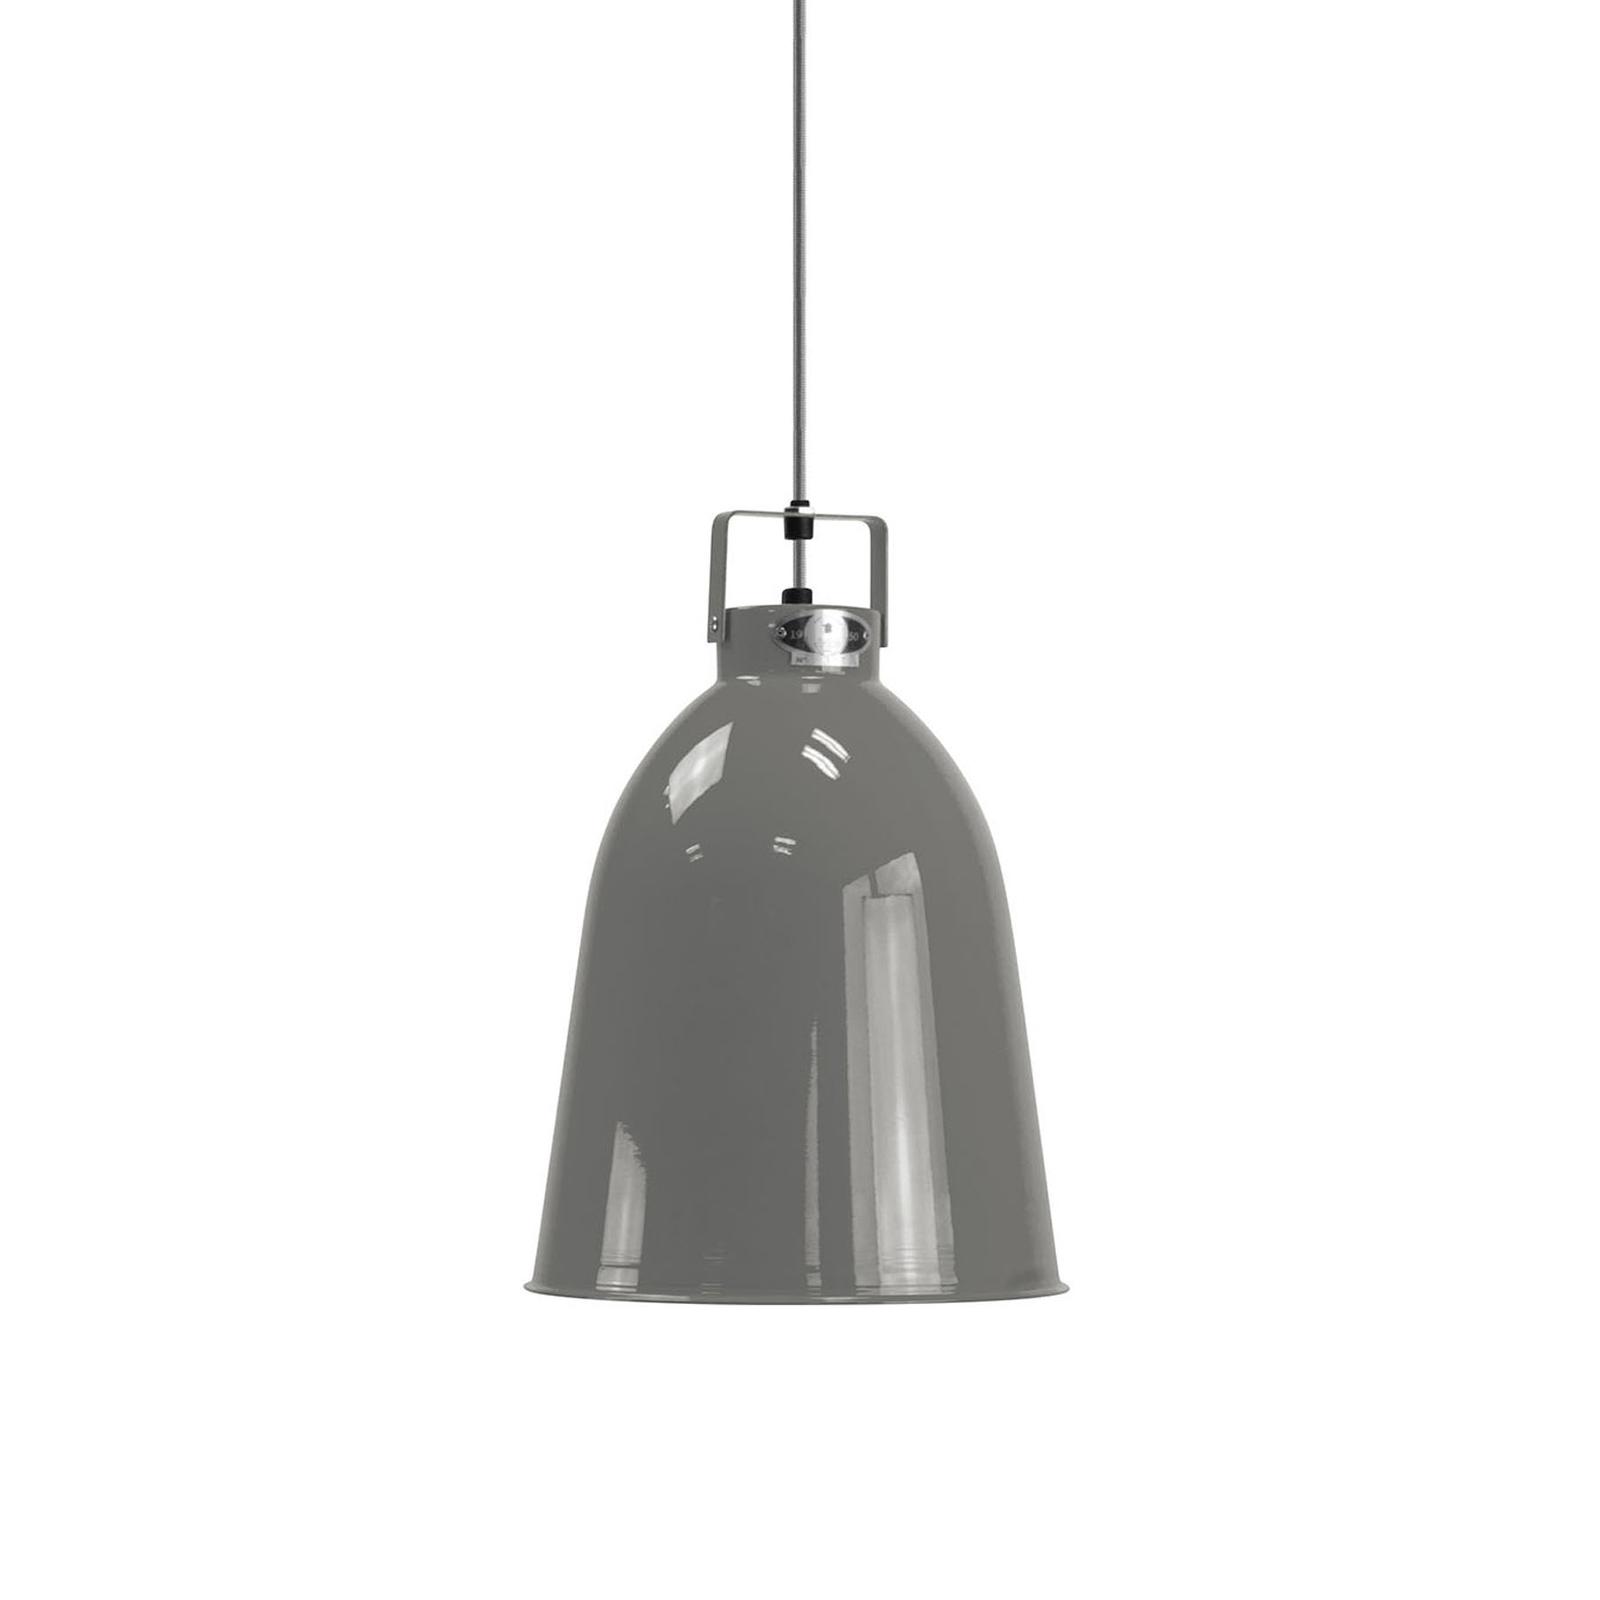 Jieldé Clément C240 lampa wisząca szara Ø24cm